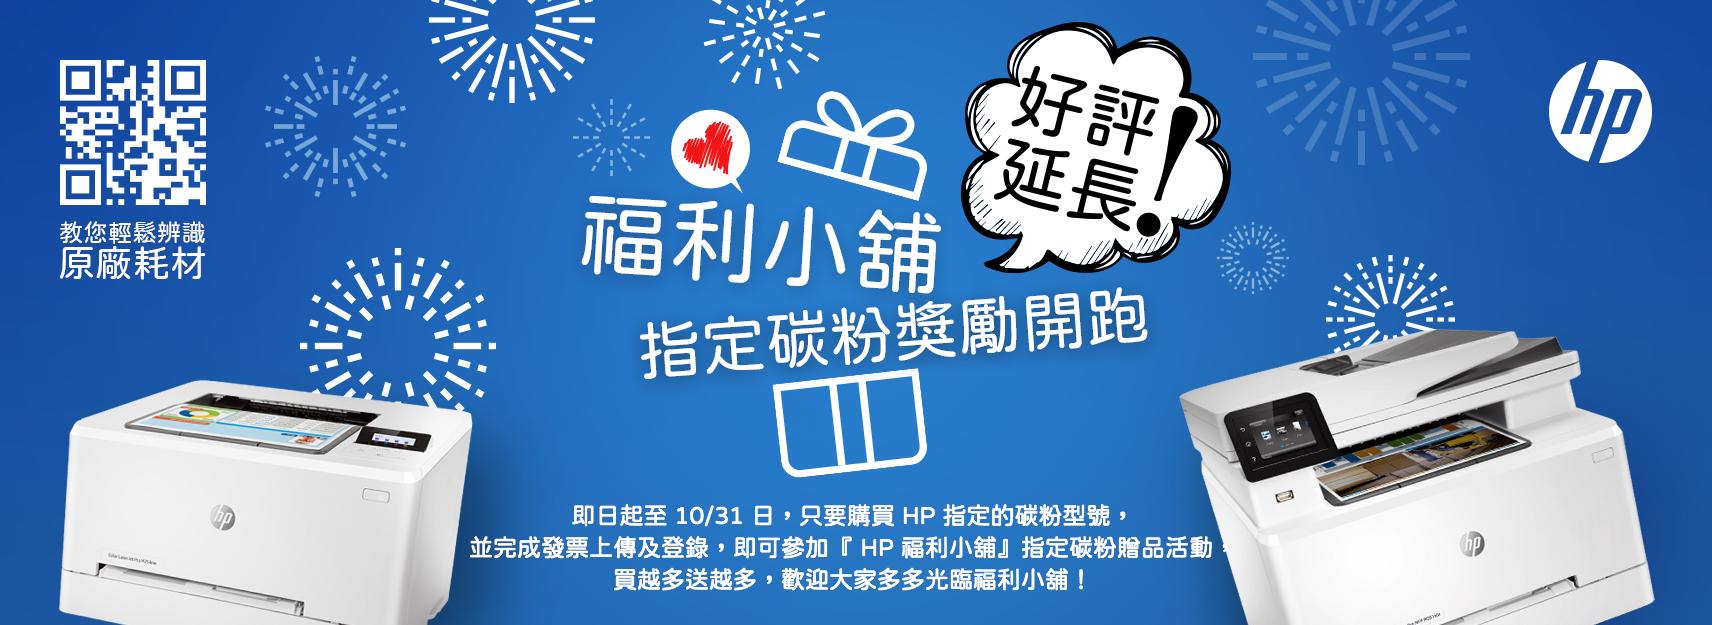 HP福利小舖10/31止